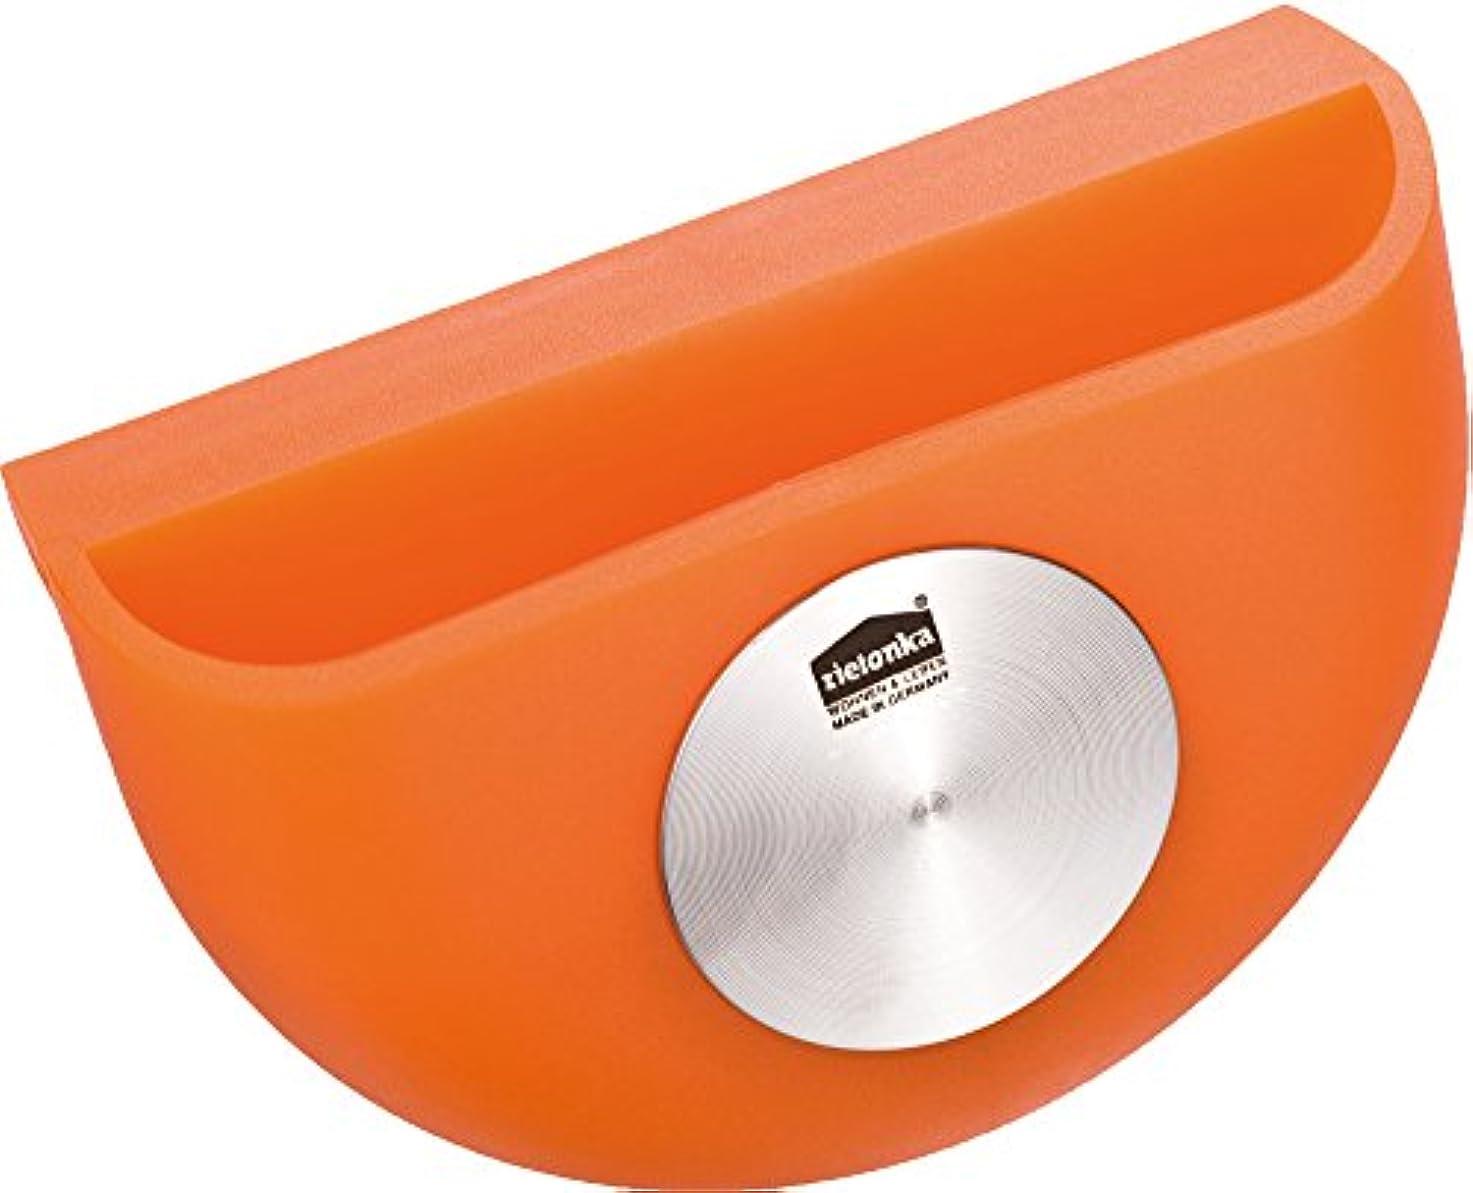 直面する購入ぼろzielonka (ジロンカ) ワールドクリエイト 消臭 スメルキラー 車内用 オレンジ 62192